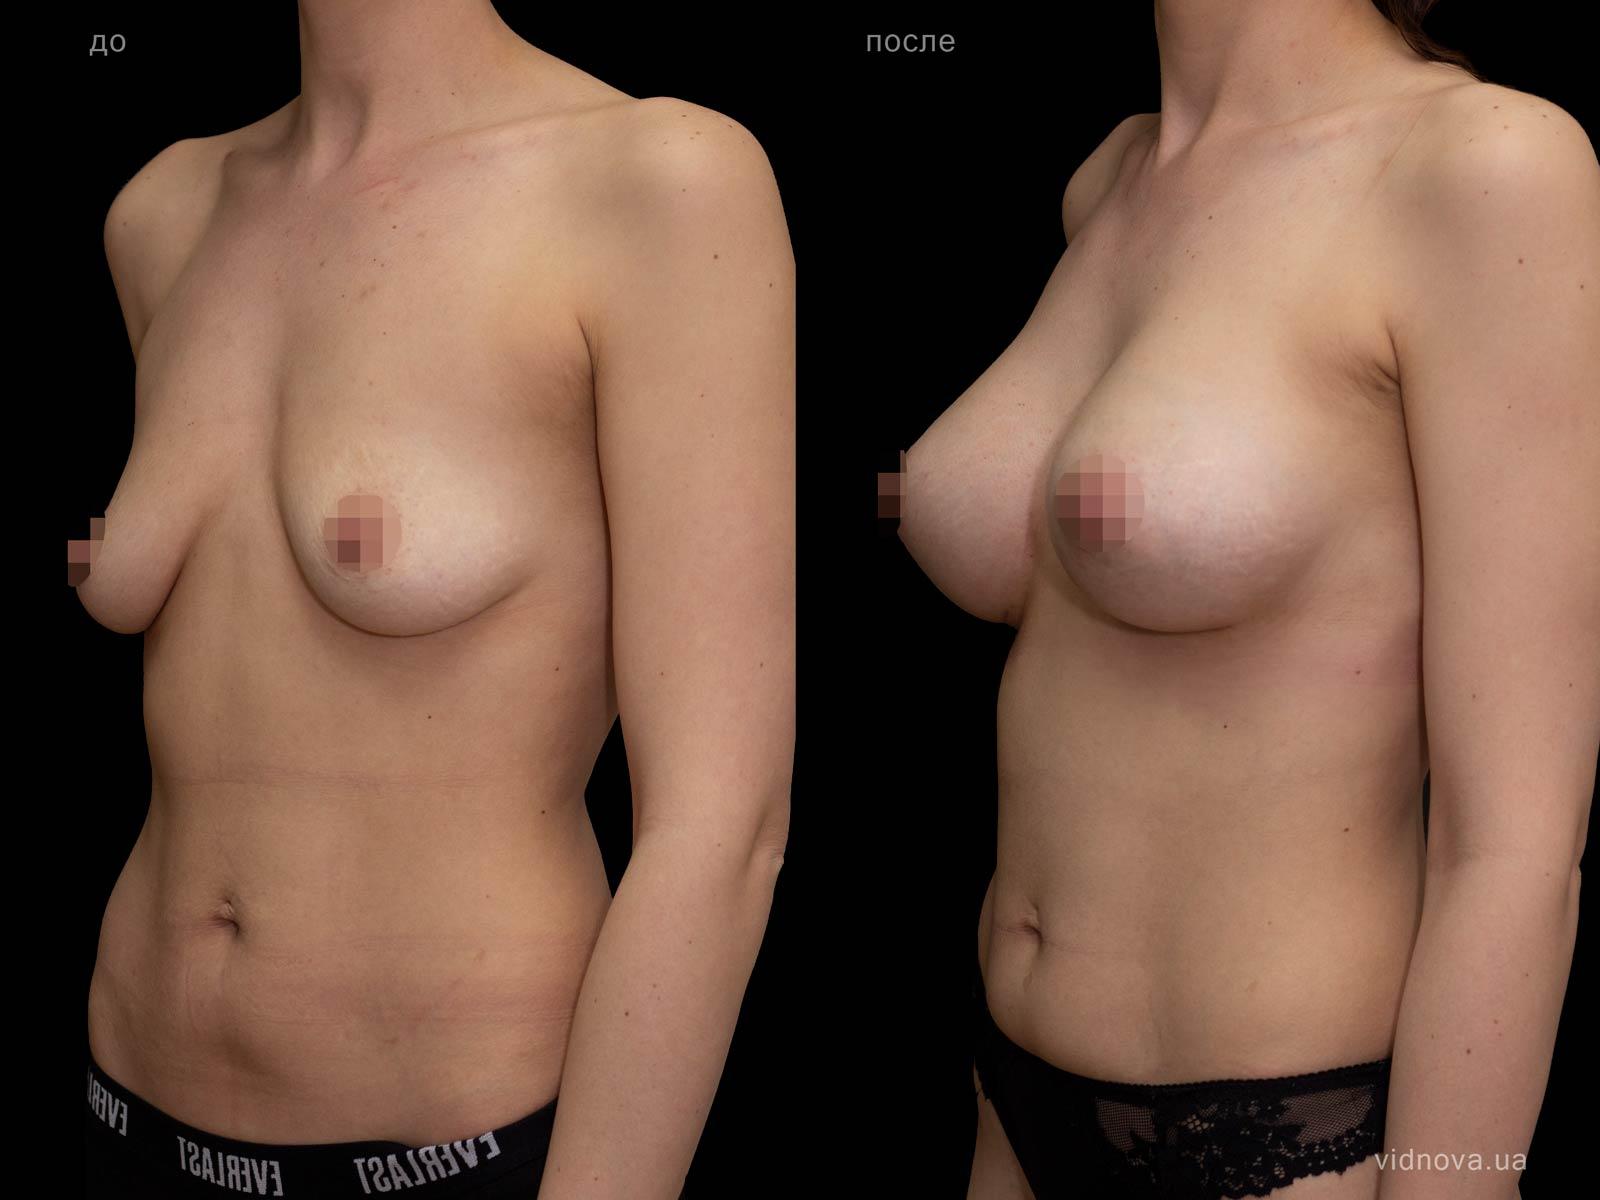 Пластика груди: результаты до и после - Пример №93-1 - Светлана Работенко